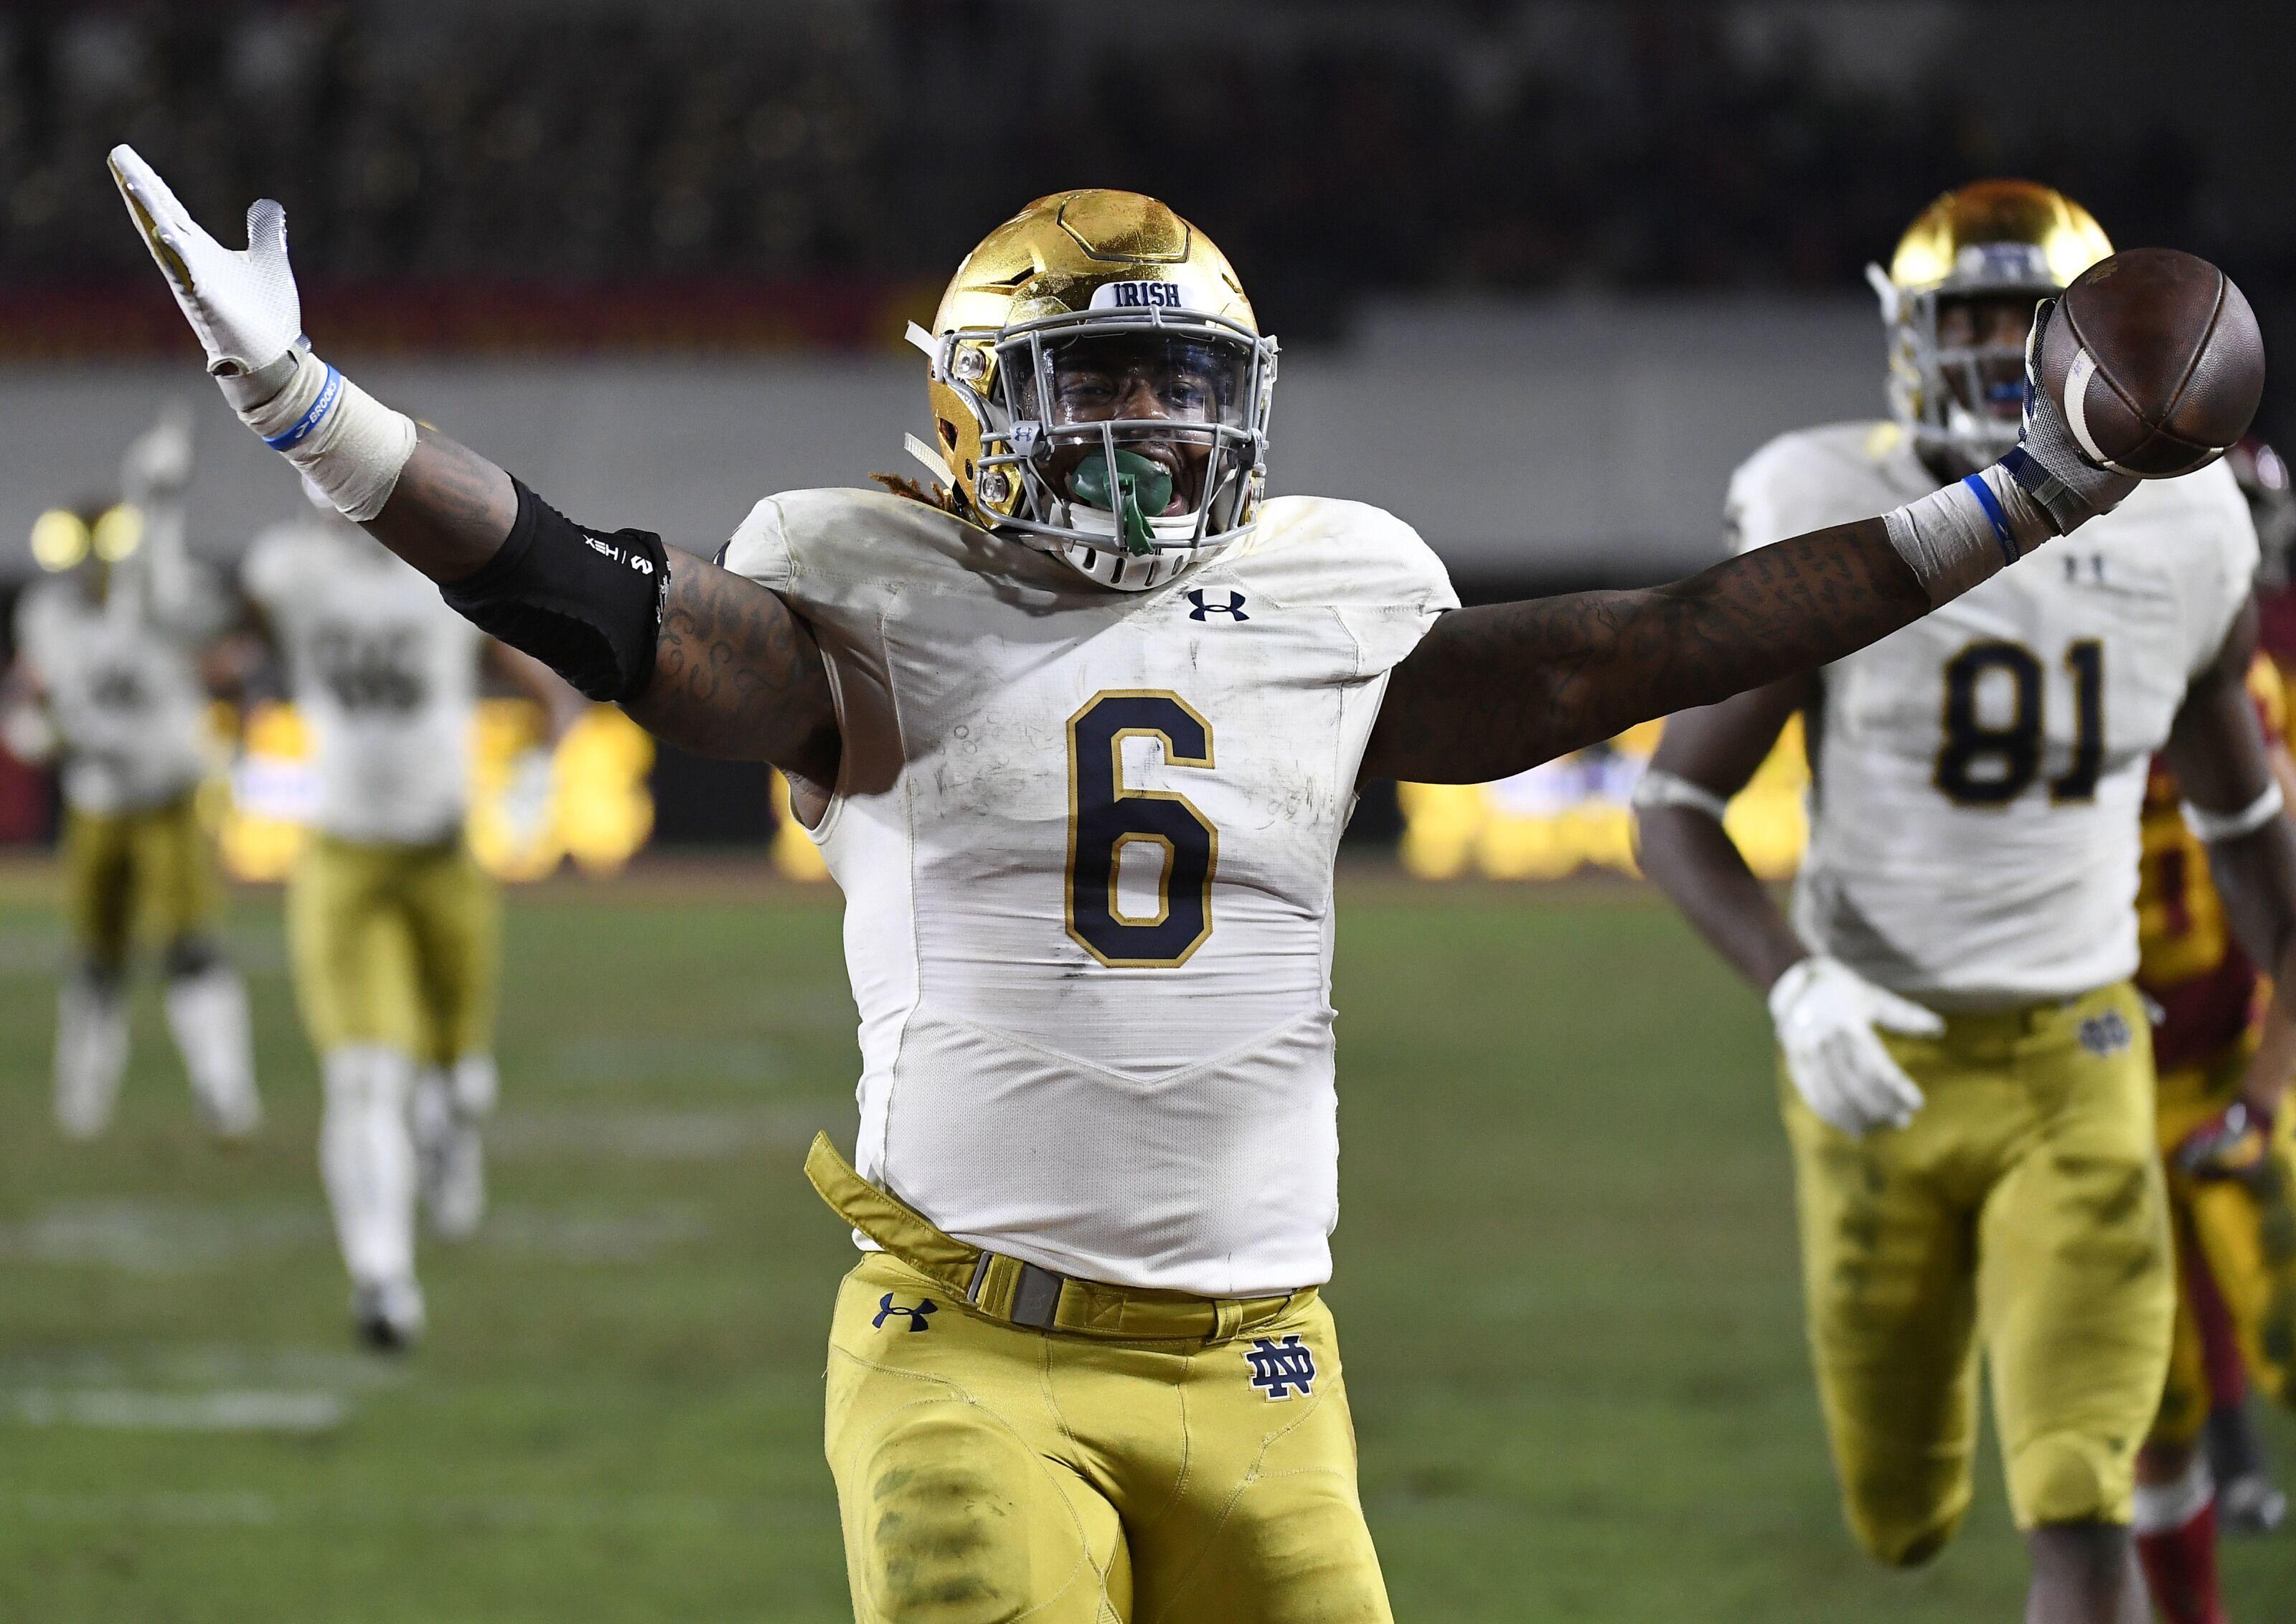 Notre Dame Football: Jafar Armstrong, Tony Jones on Doak Walker Watch List